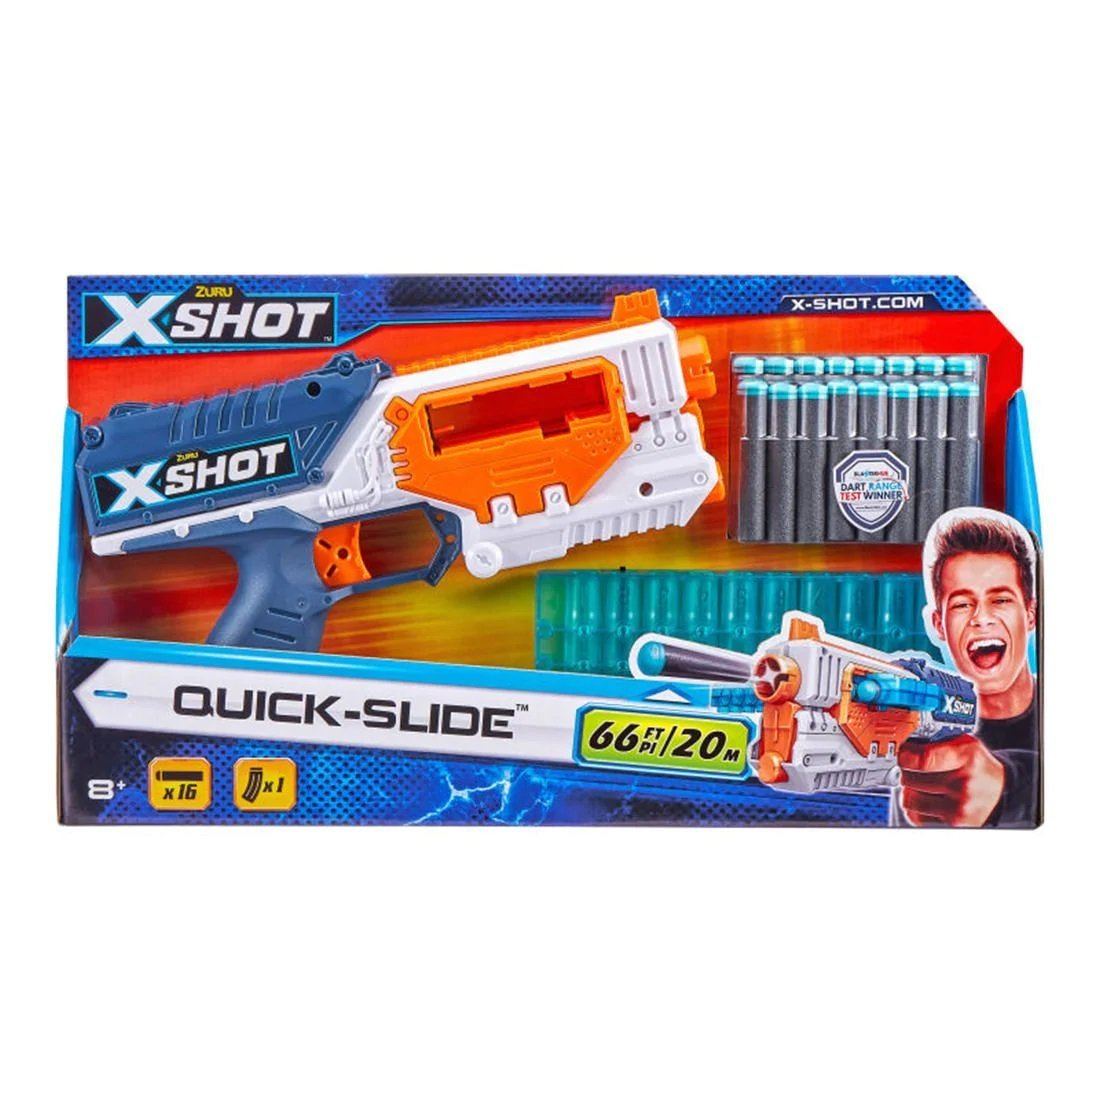 X射手 - 疾速射手 16發